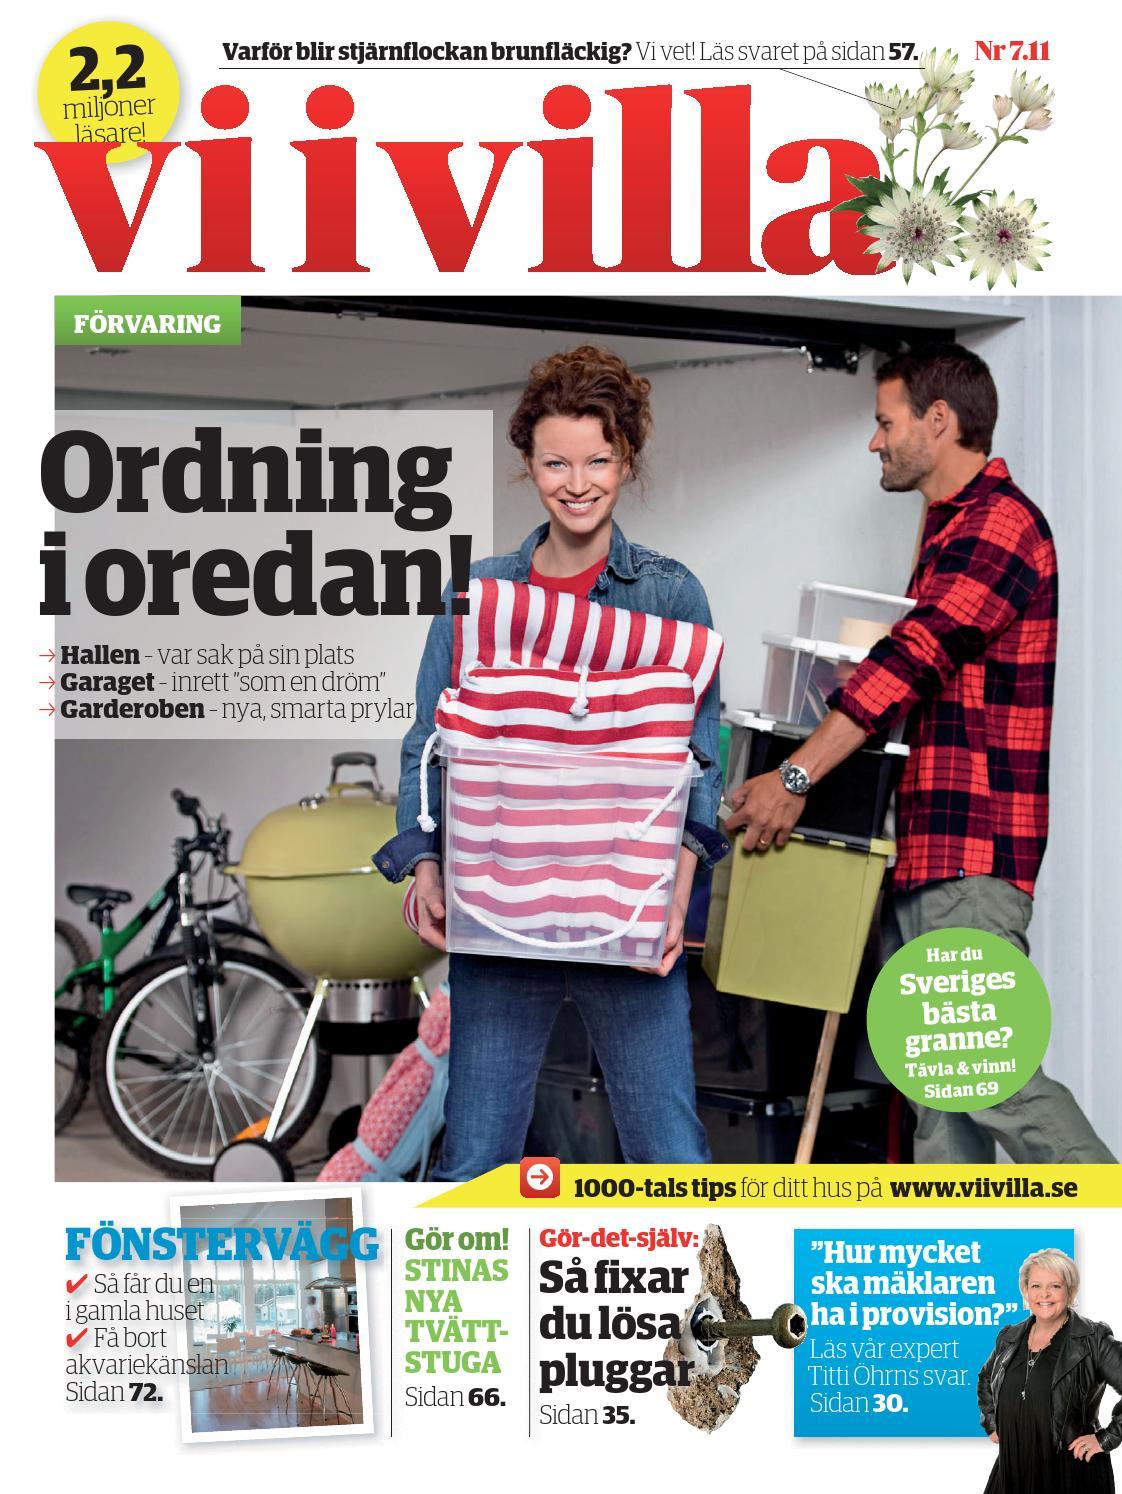 Vi i Villa nr 9 2012 by Vi i Villa - issuu : flytspackel torktid : Inredning